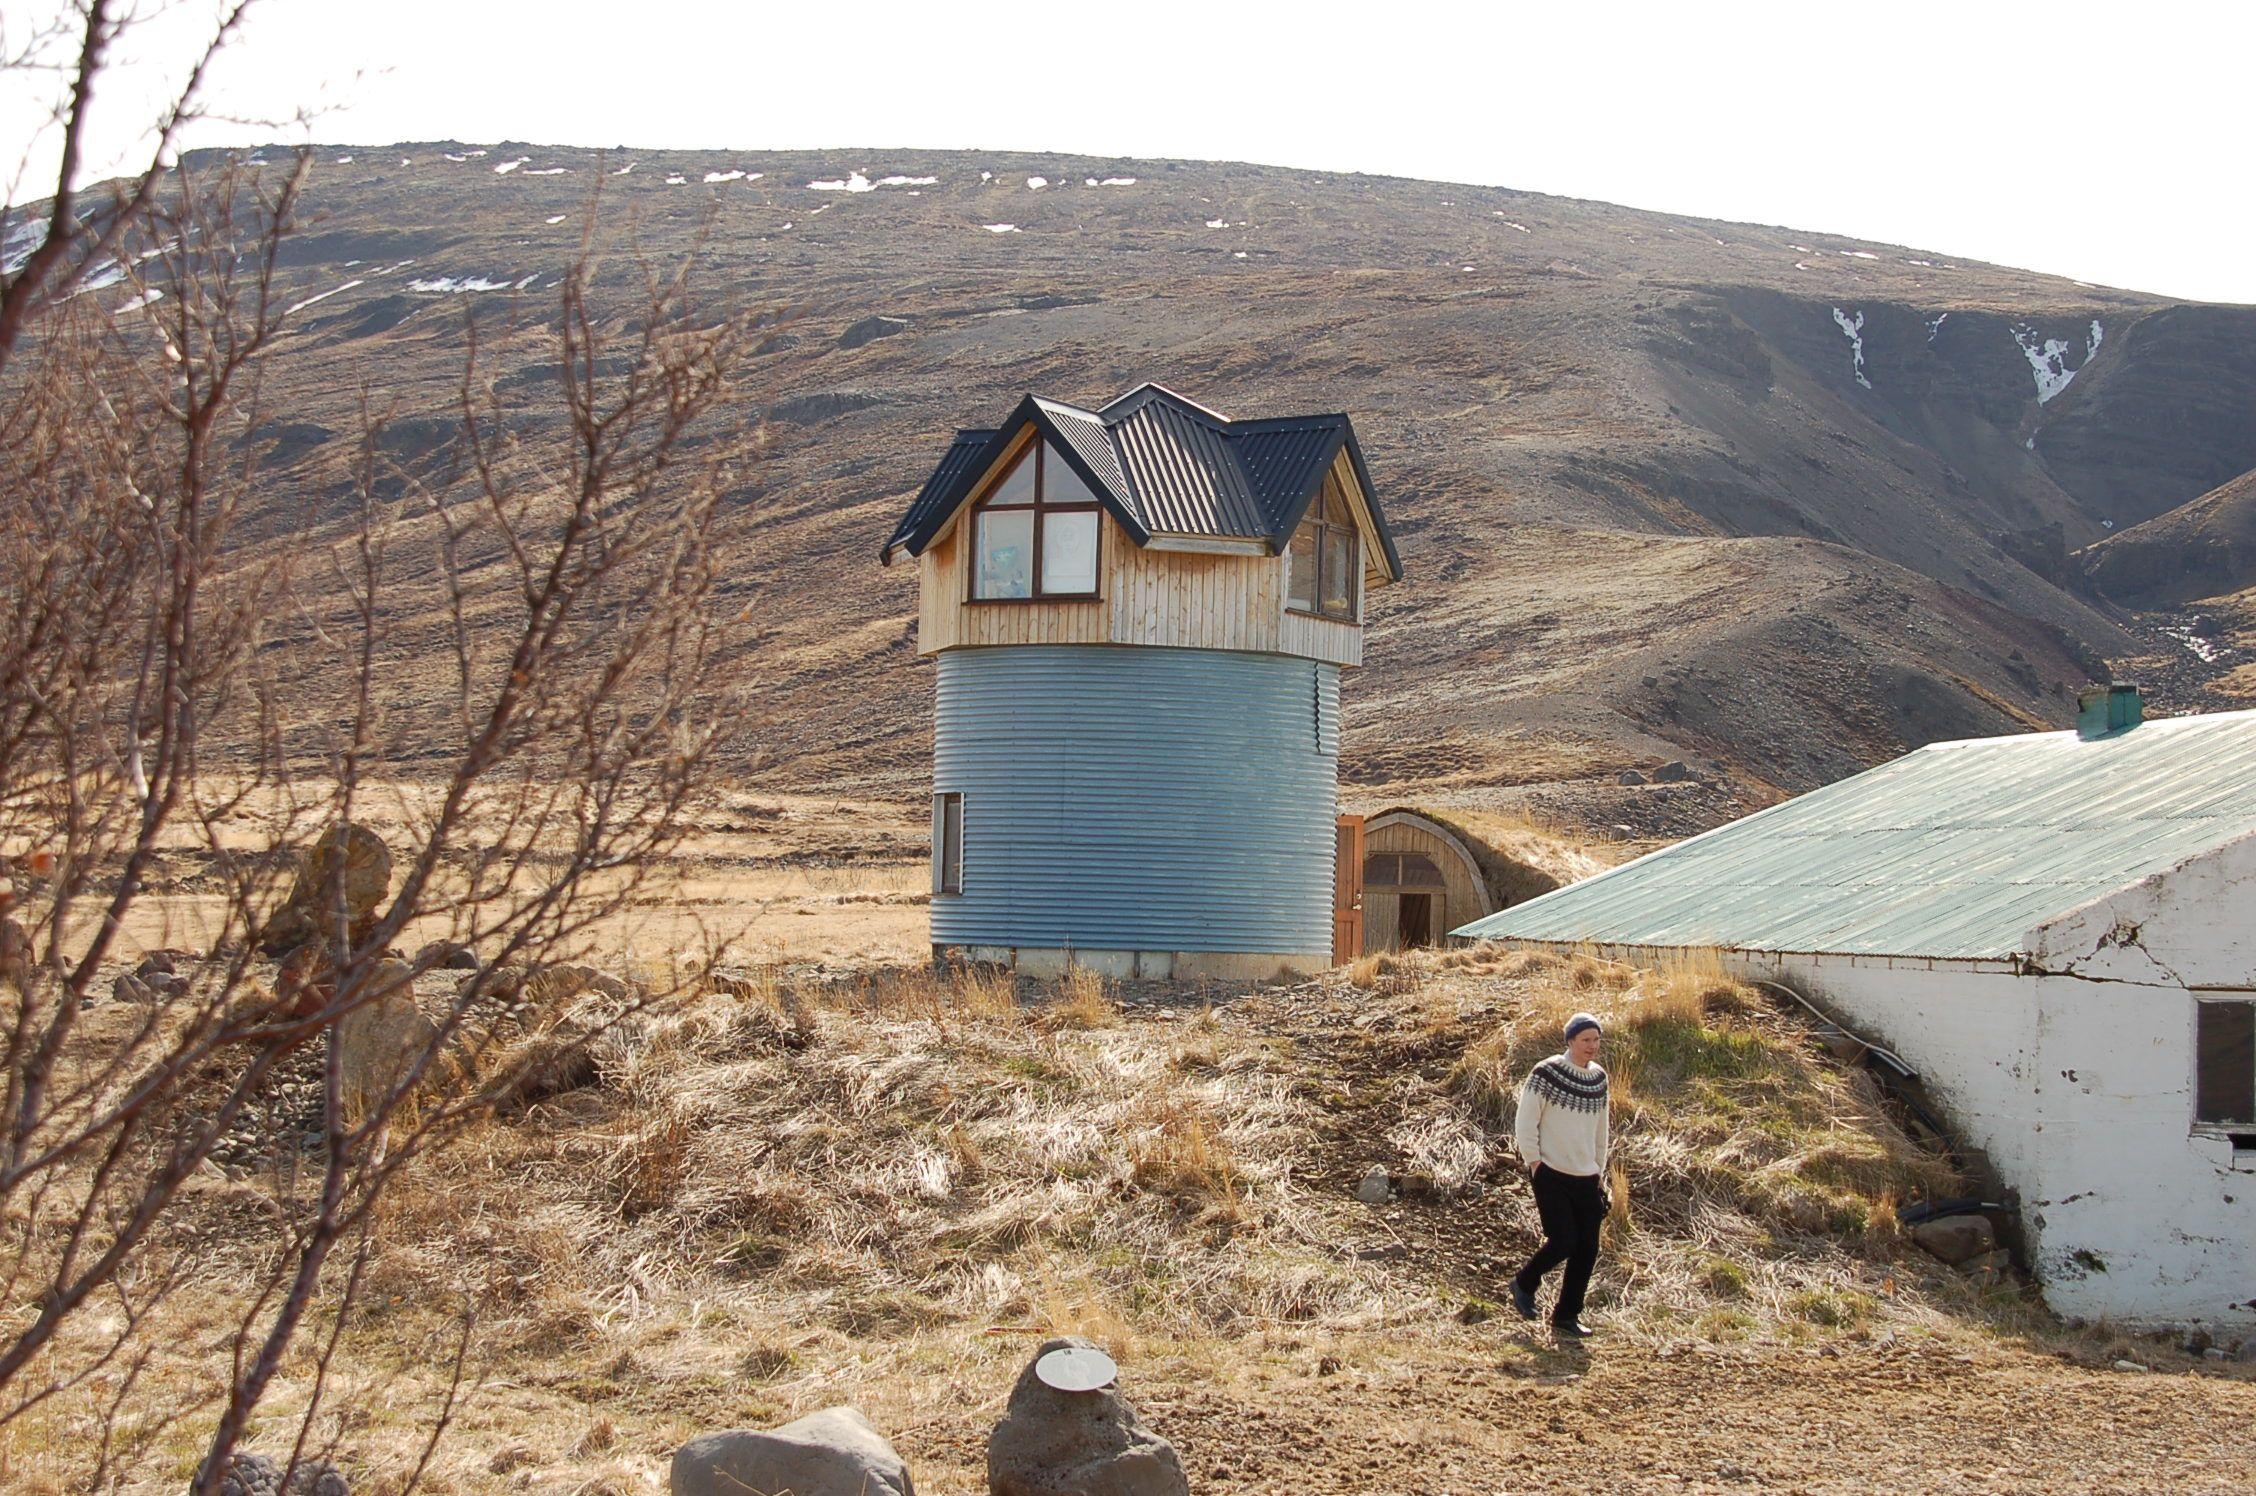 In dieser Skulptur lebt Páll Guðmundsson, einer jener Künstler, die mit Sigur Ros musiziert haben